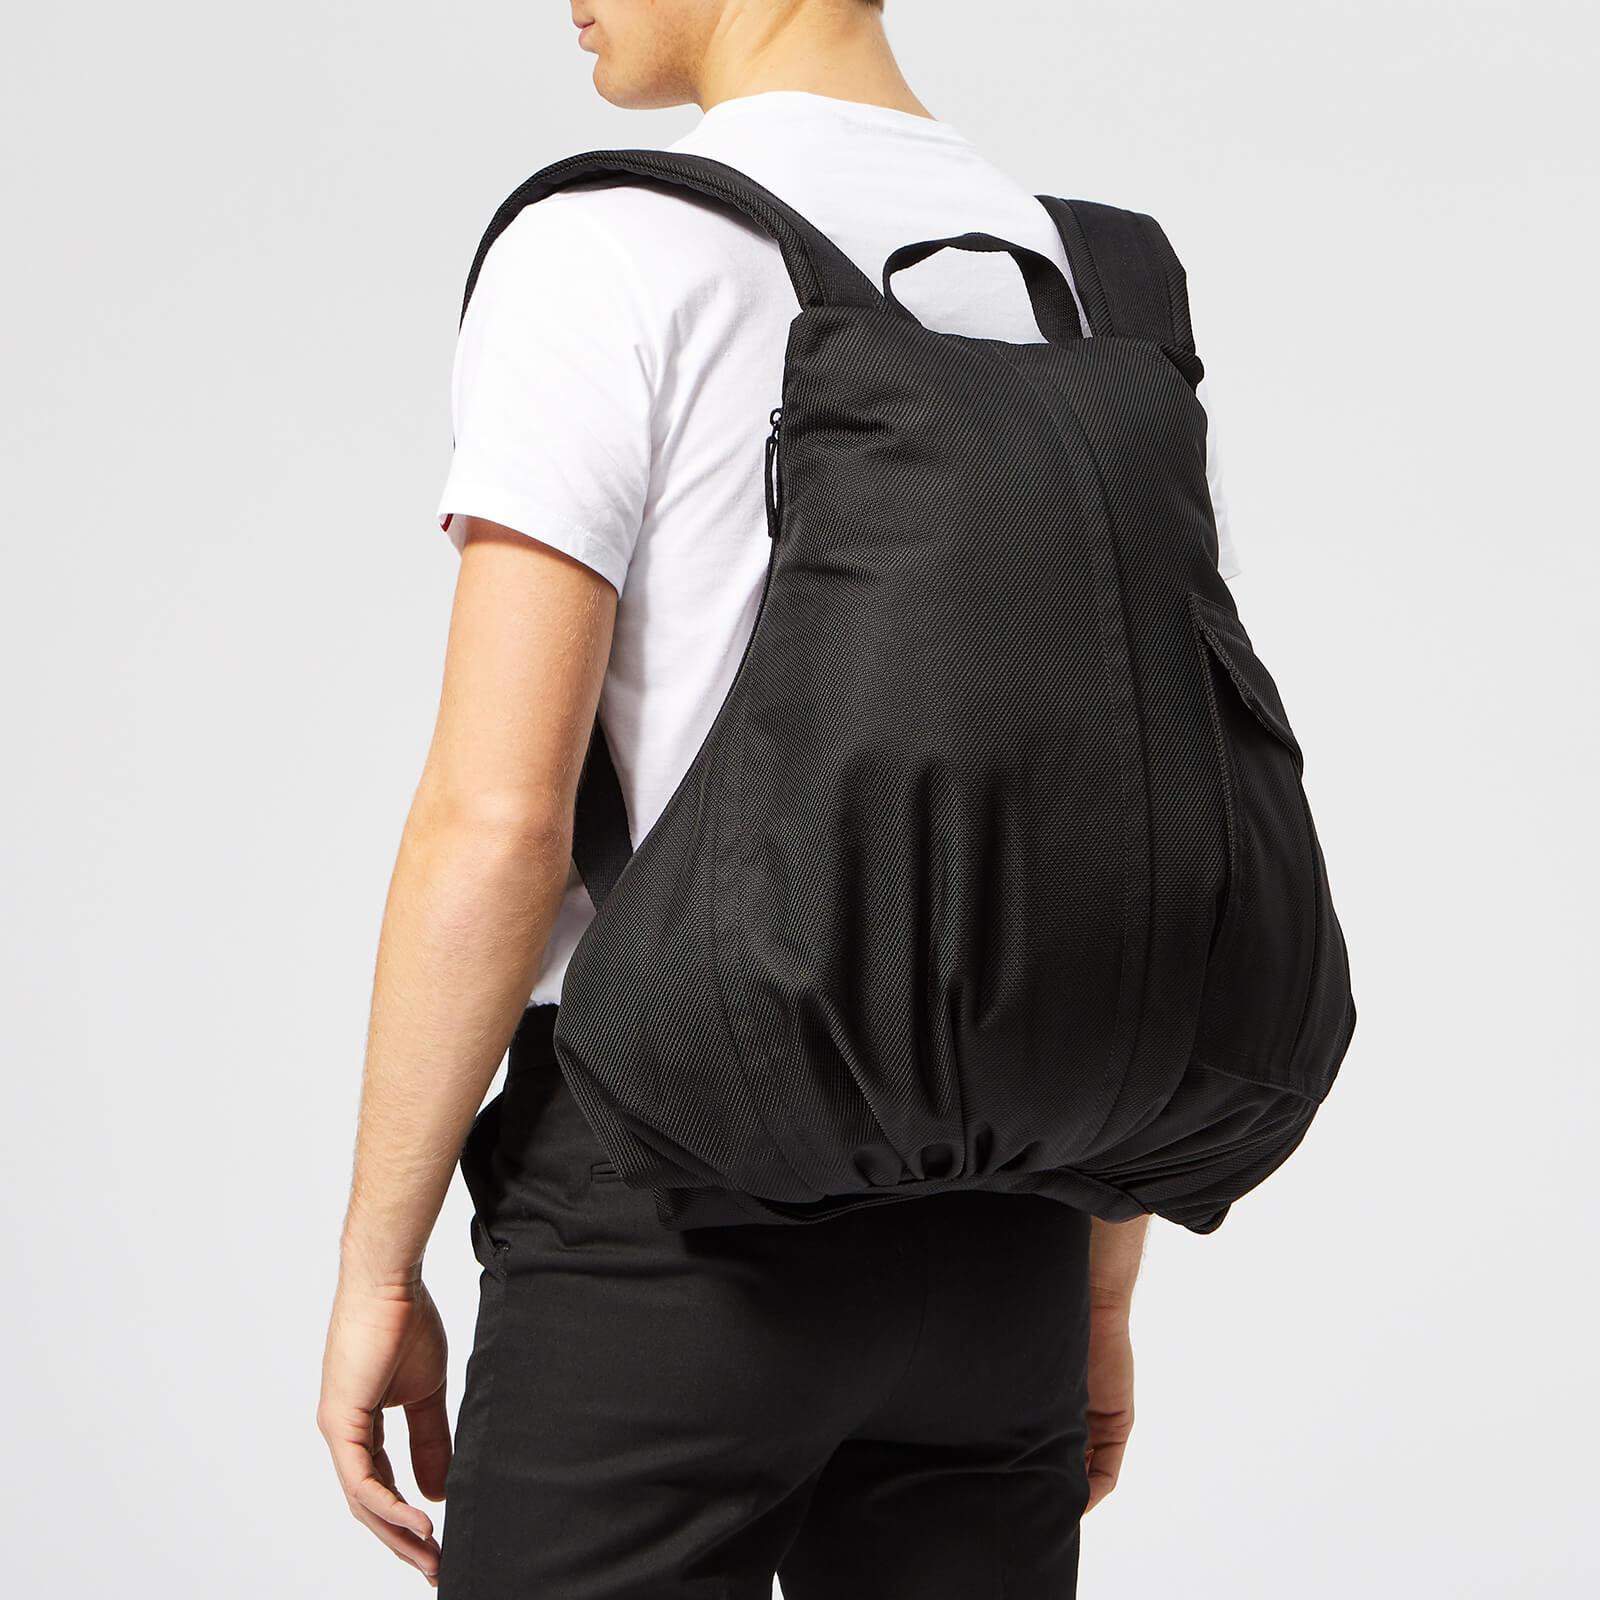 Eastpak X Raf Simons Rs Coat Bag - Black Structured